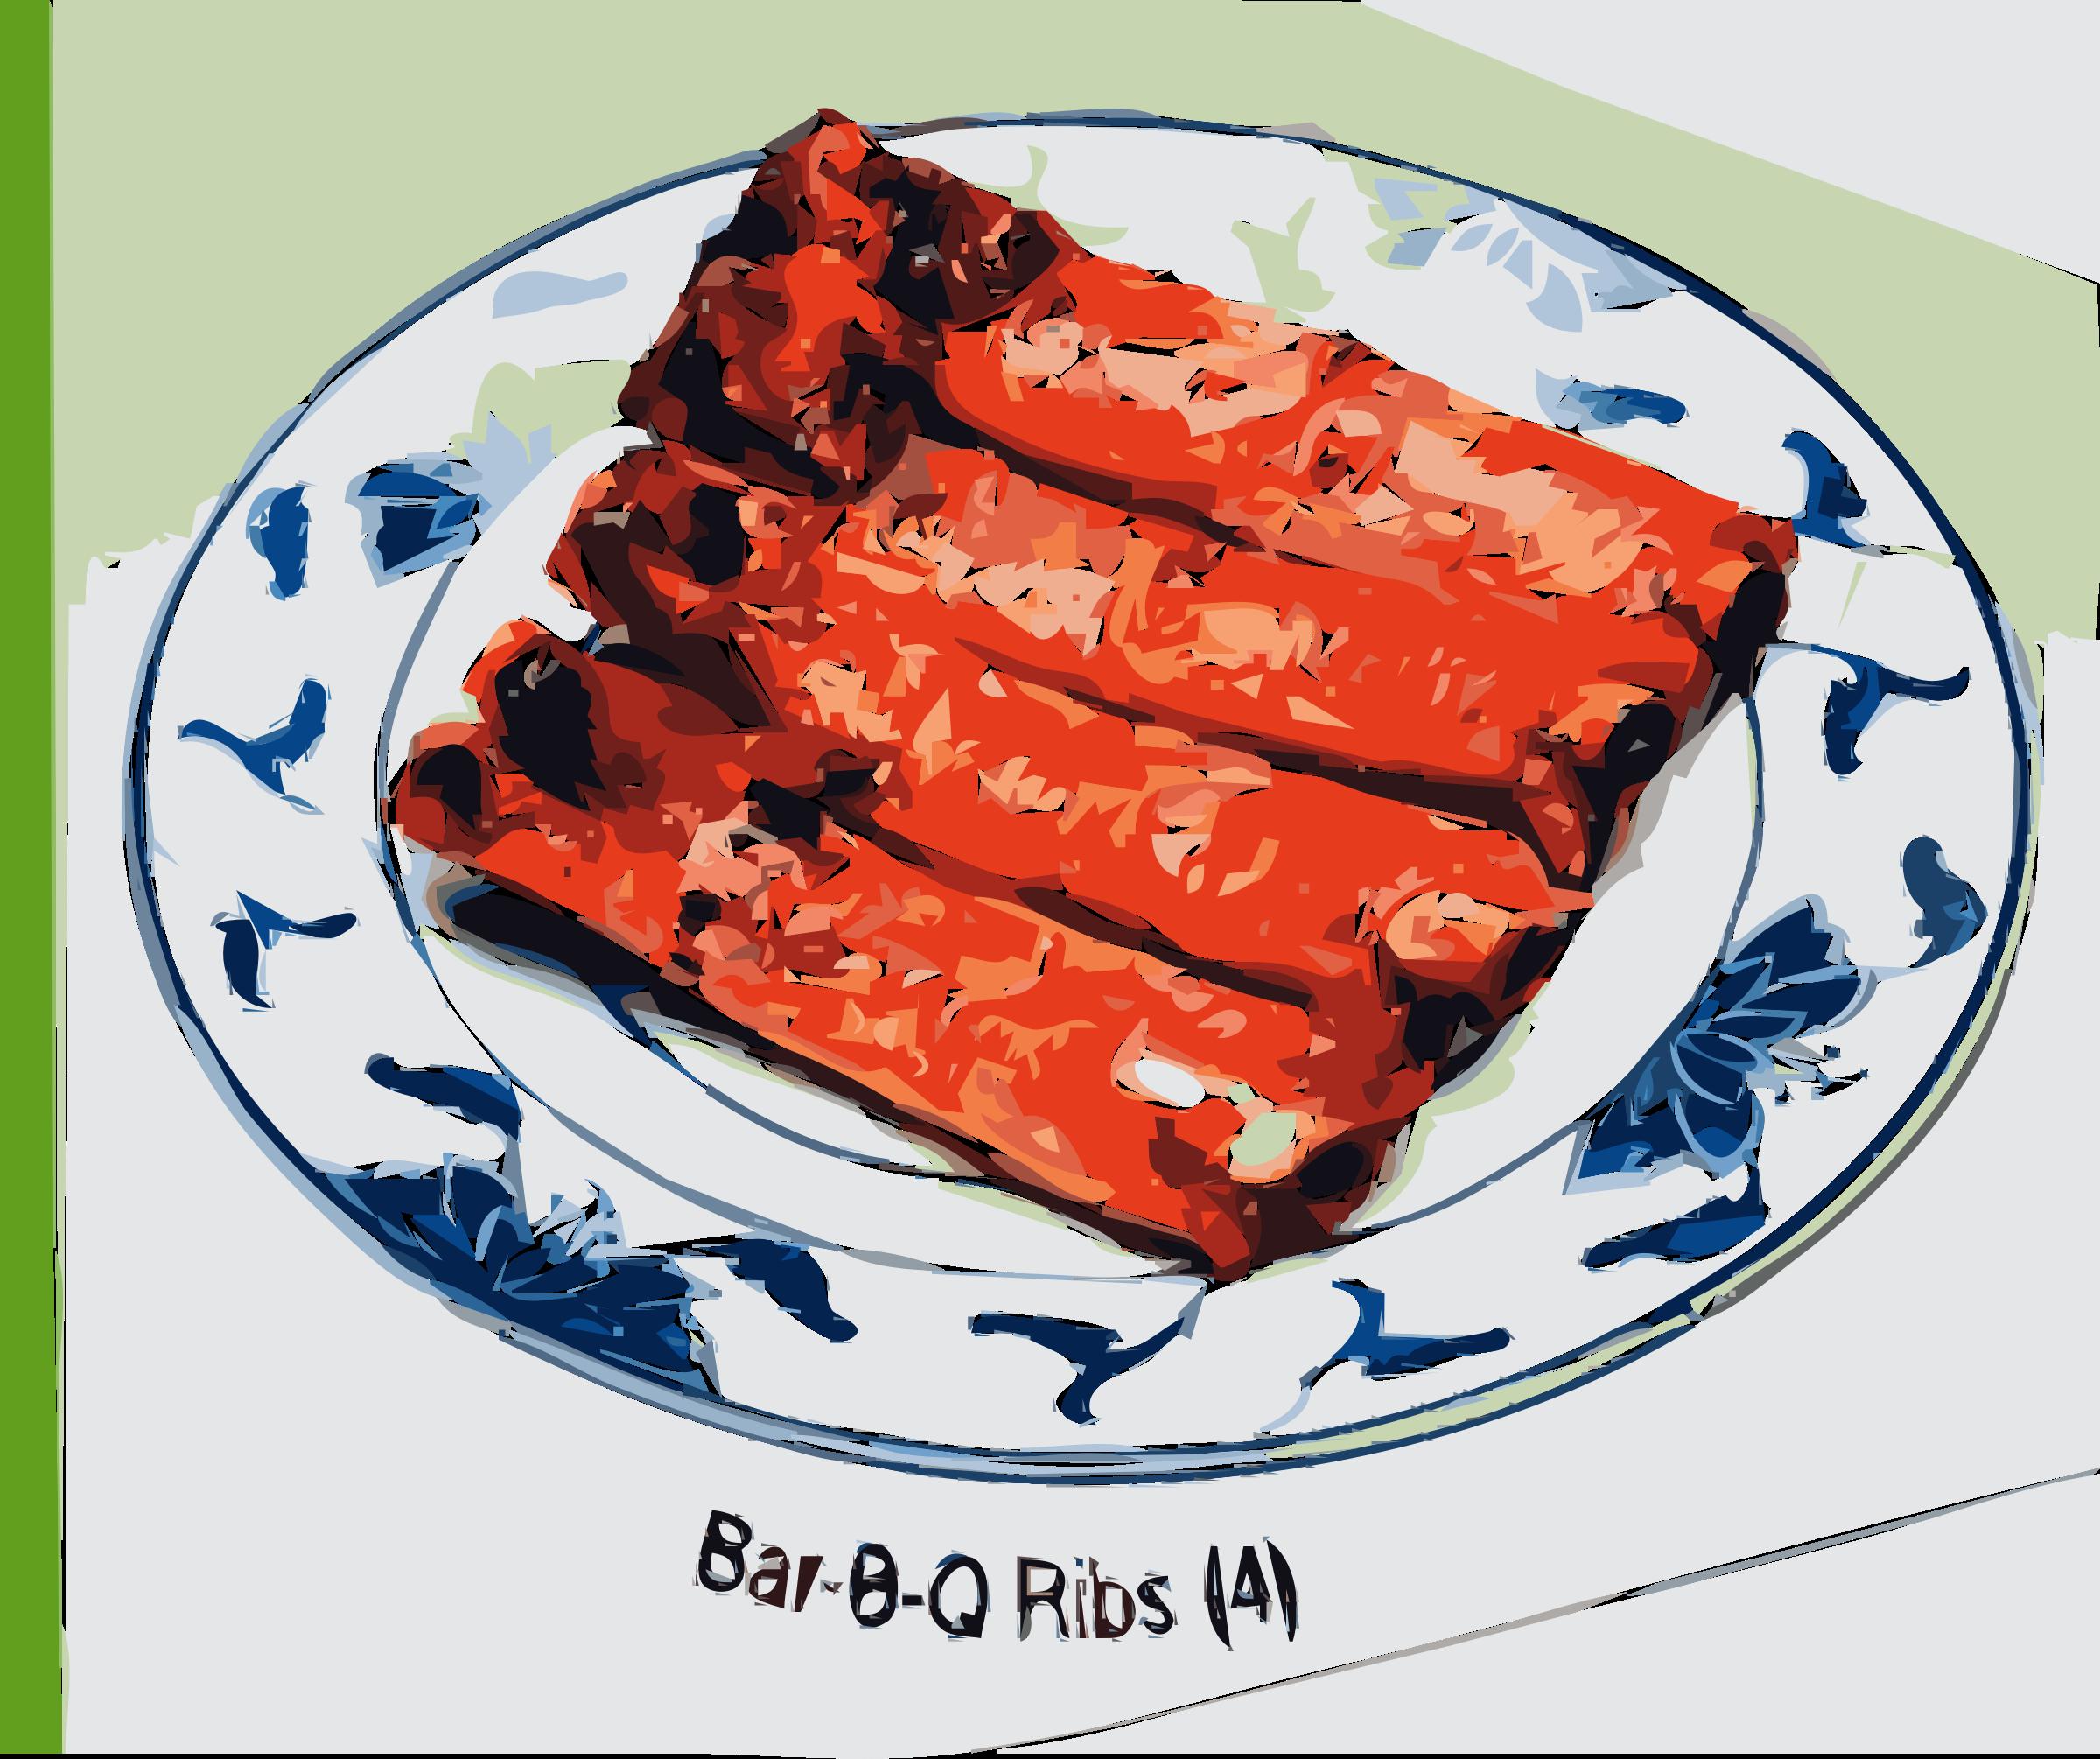 Bar b q ribs. Foods clipart bbq